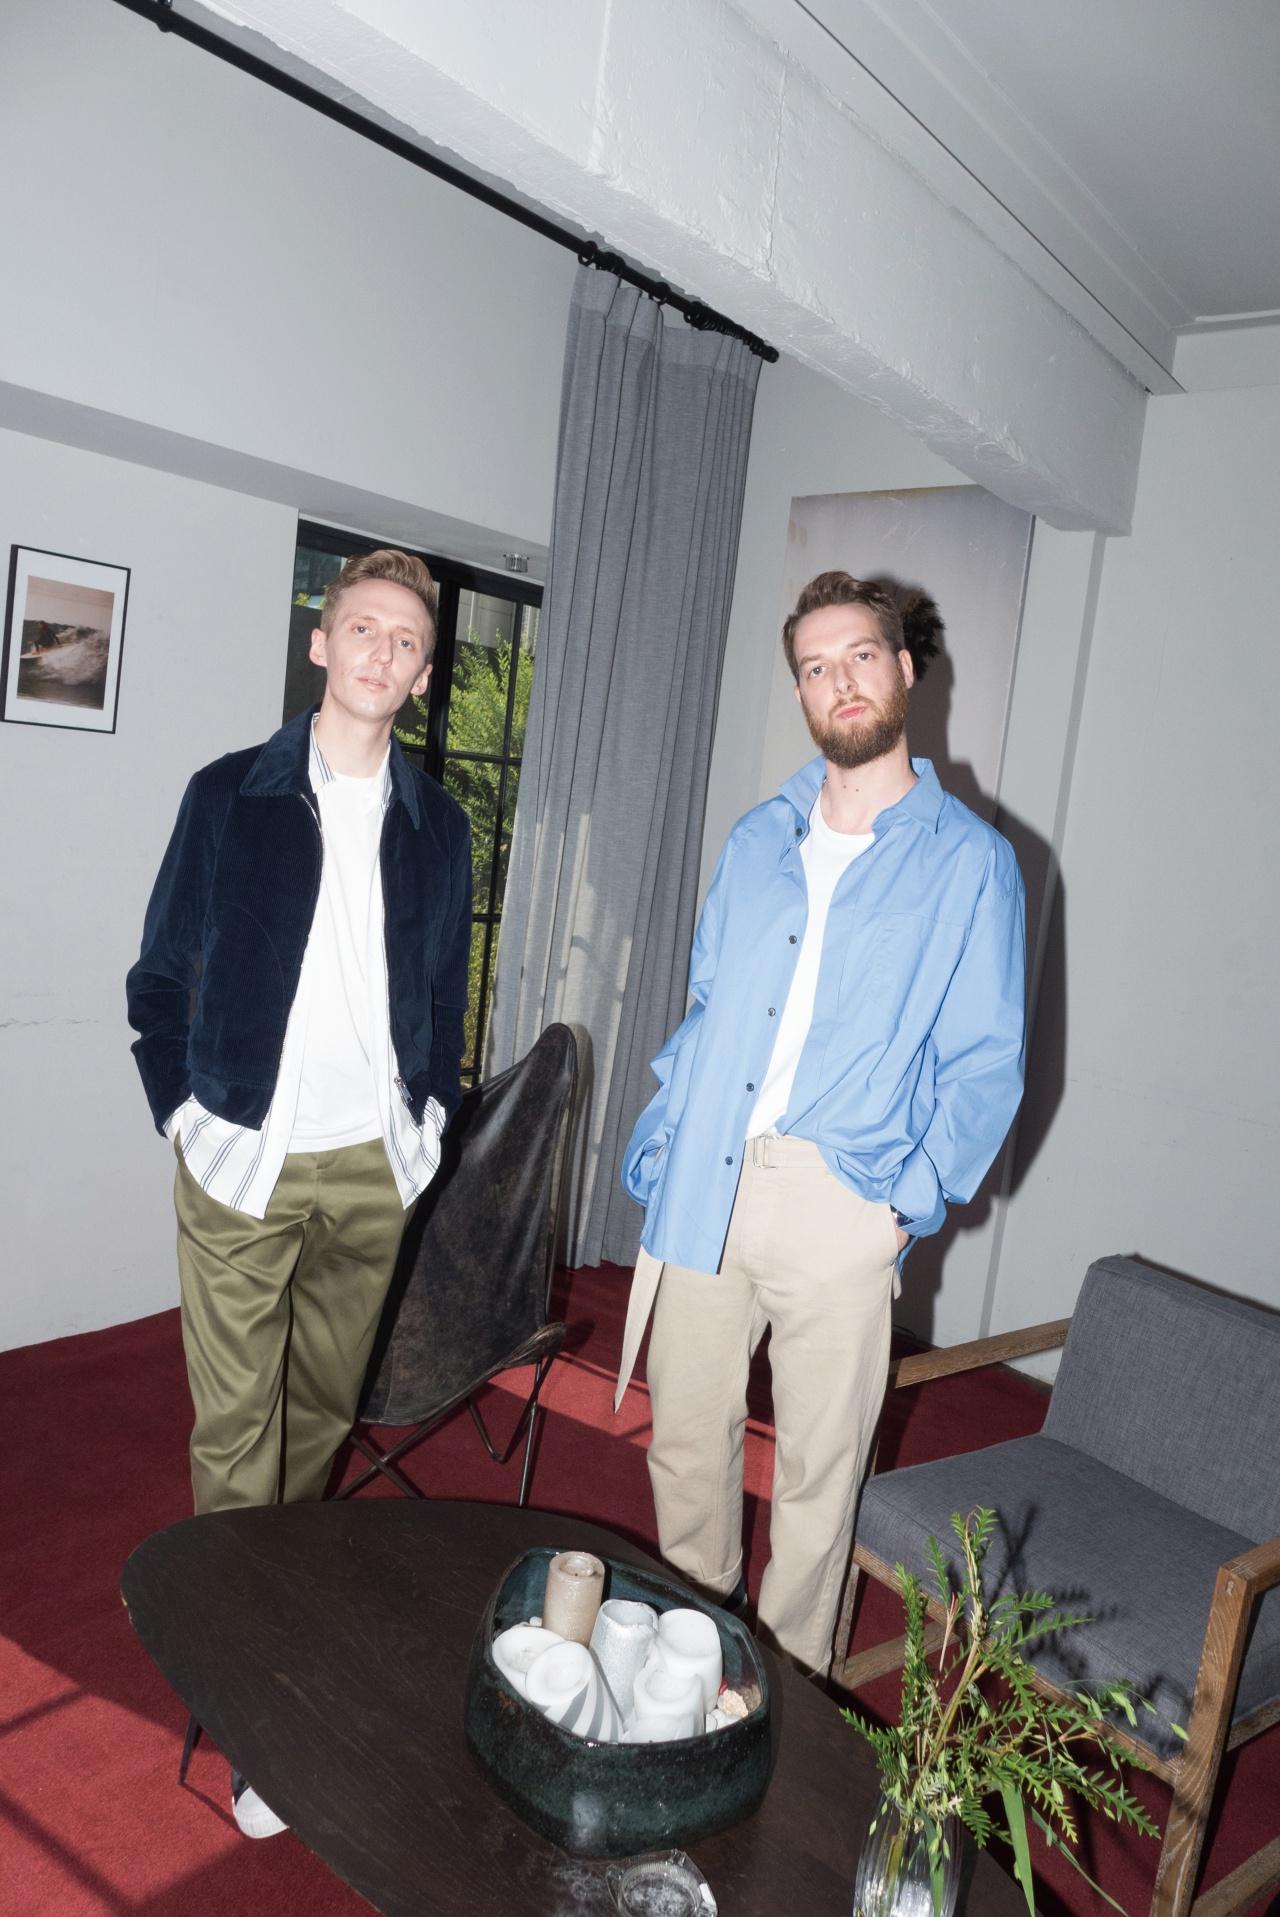 (제임스)코듀로이 재킷, 셔츠 모두 산드로 옴므. 티셔츠 아미. 바지 에이카화이트. 스니커즈 캘빈클라인 진. (앤디)오버사이즈 셔츠 우영미. 티셔츠, 바지 모두 아미.